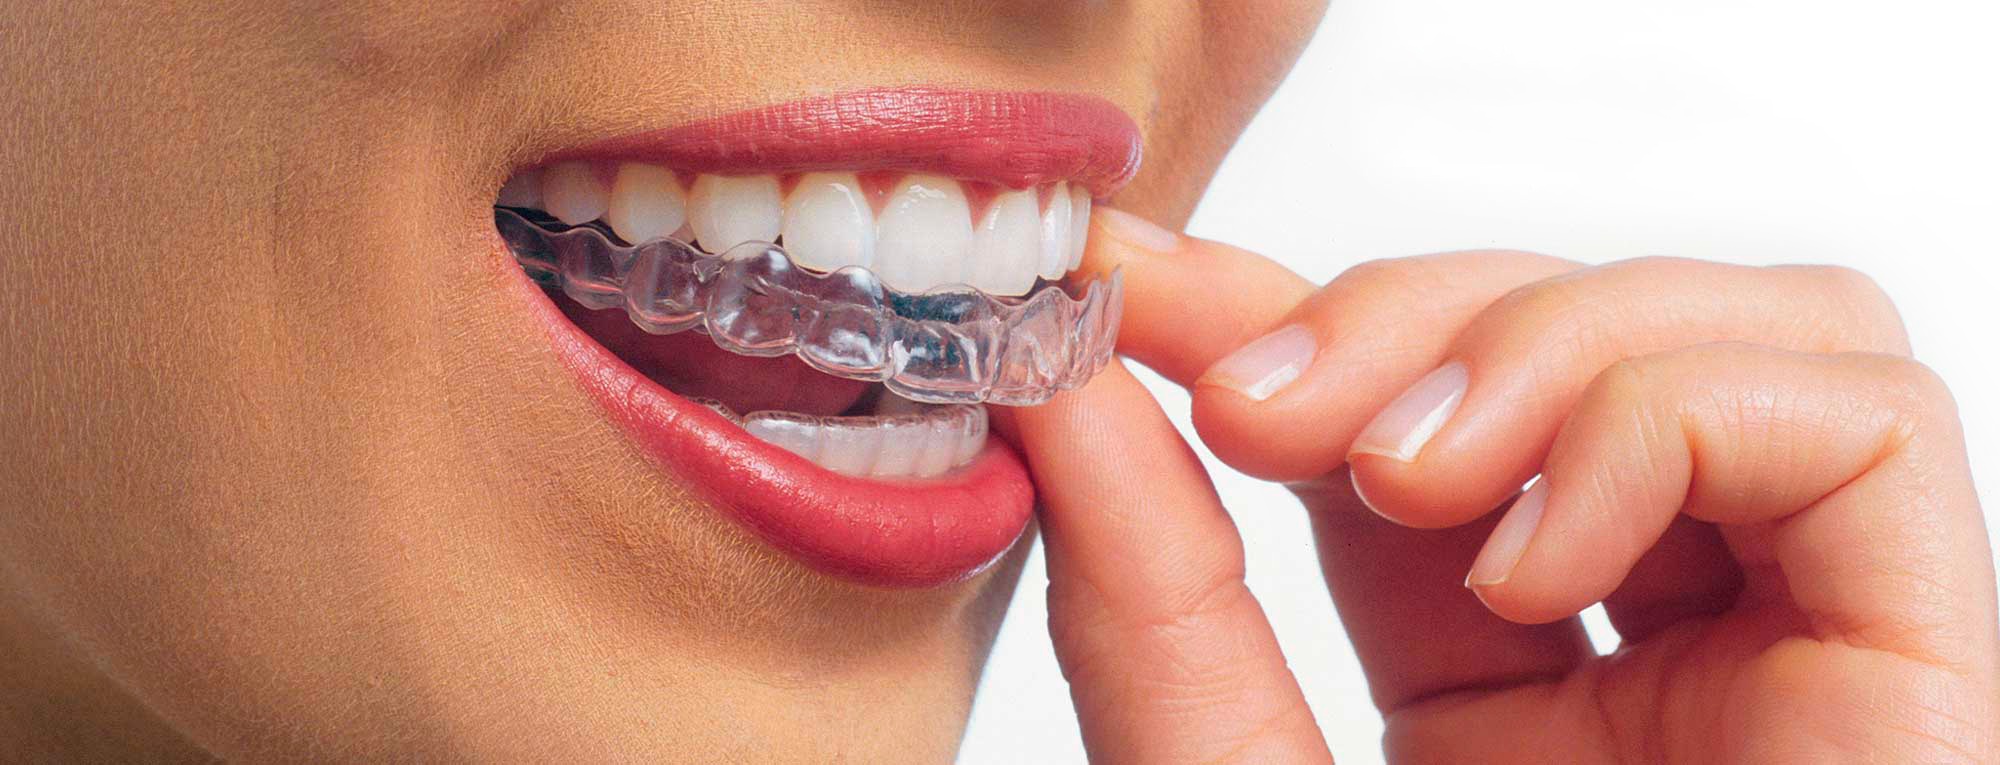 Ortodontia 1